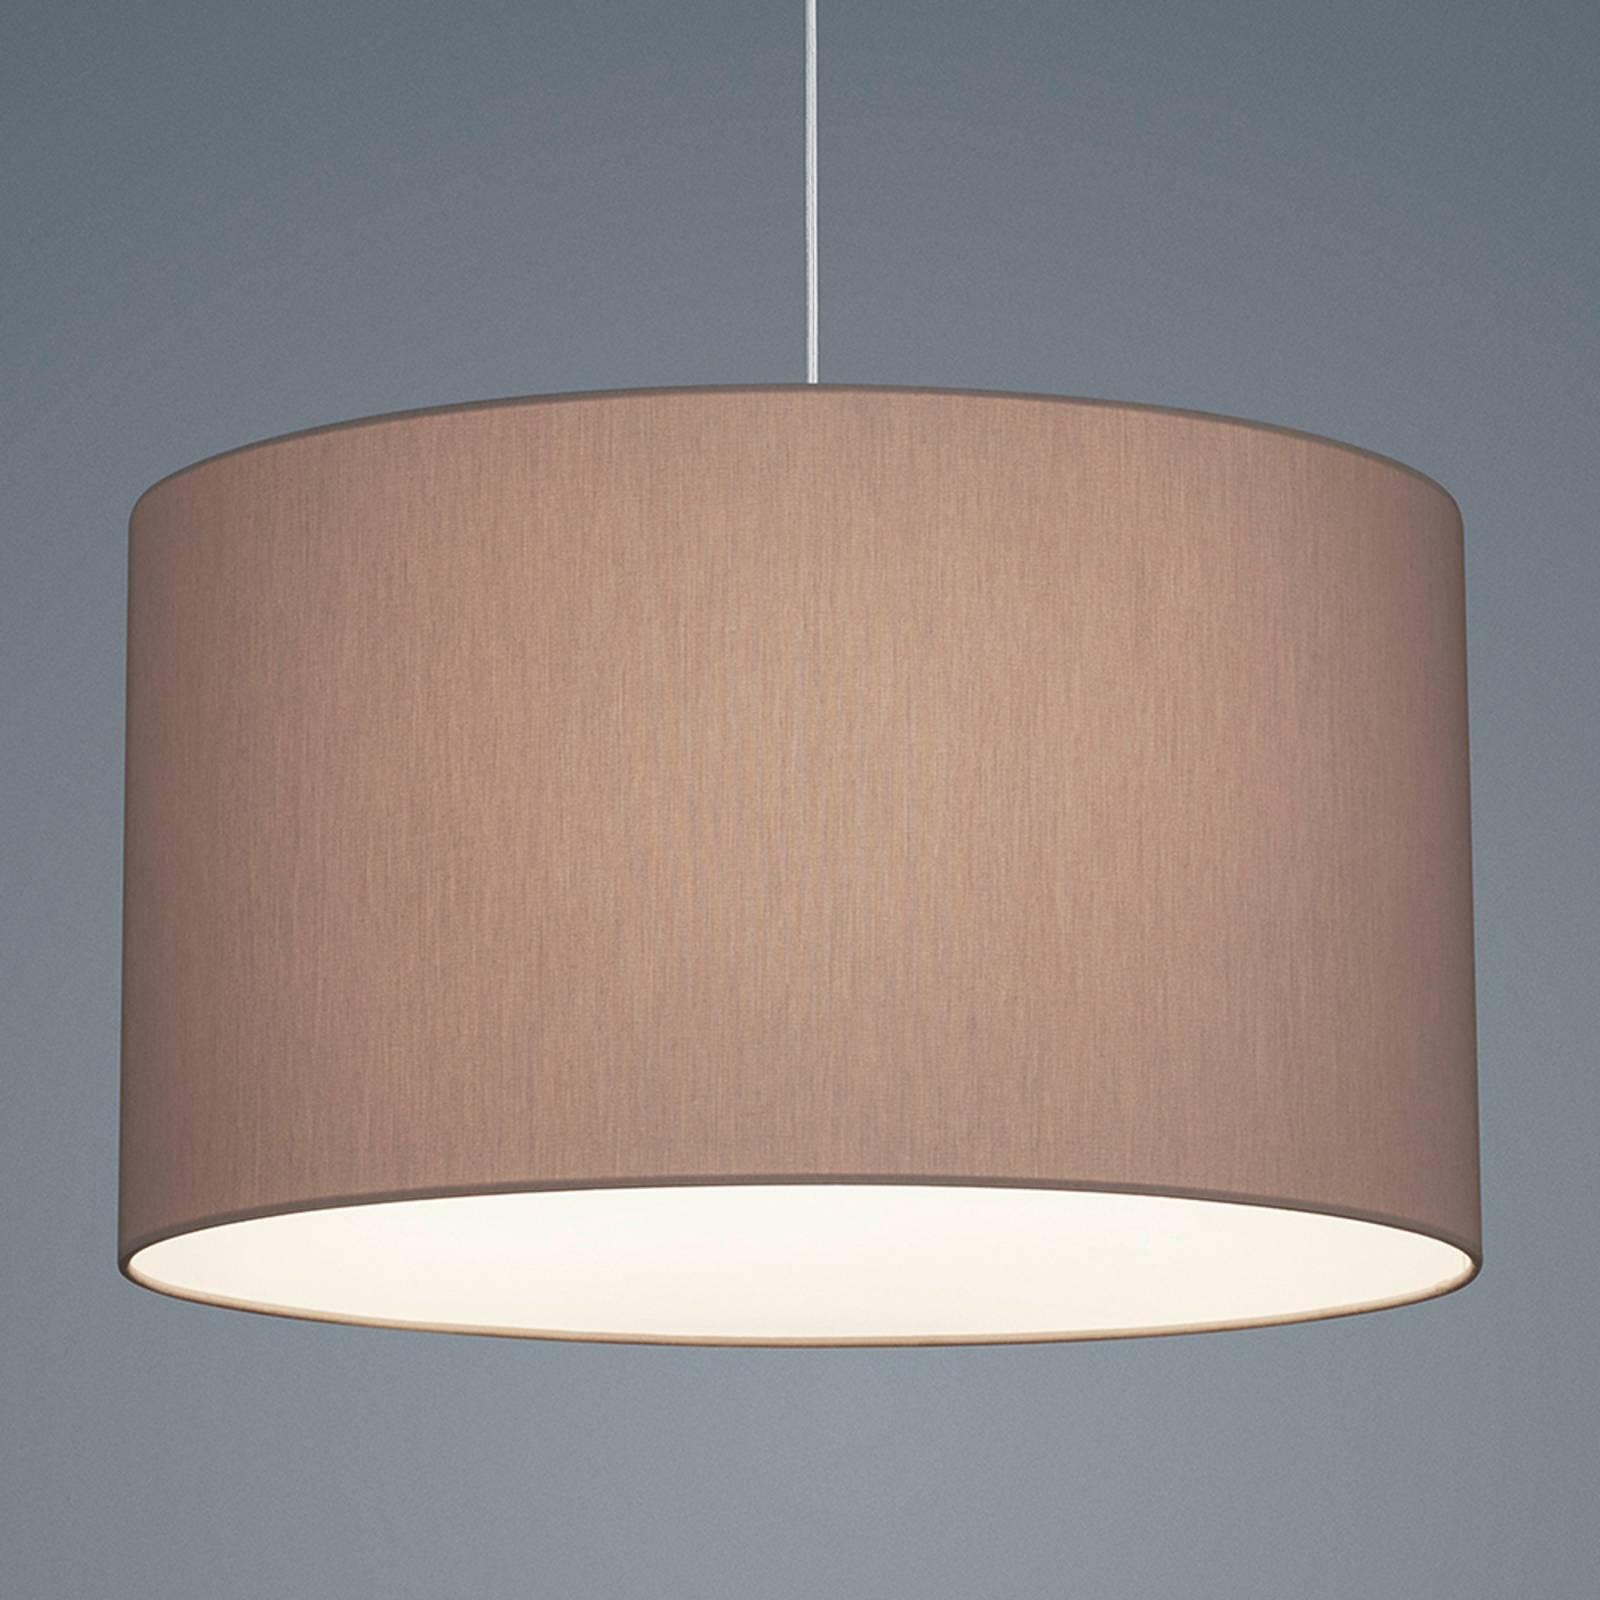 Helestra Certo -riippuvalo lieriö 1-lamp. mokka